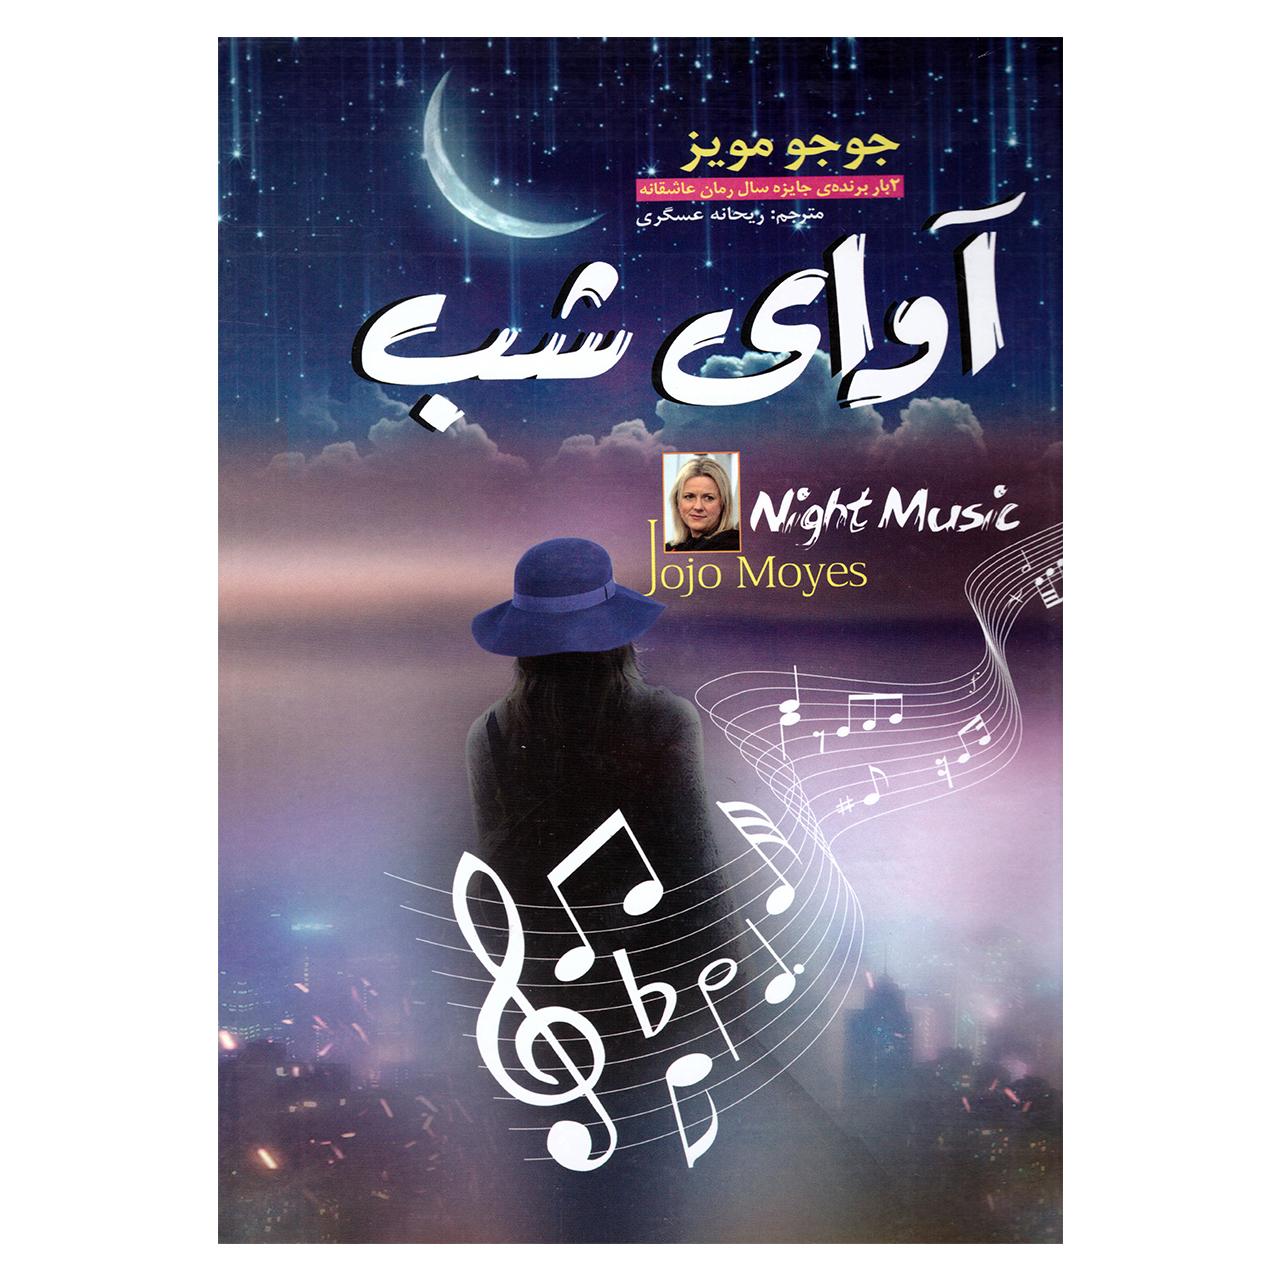 خرید                      کتاب آوای شب اثر جوجو مویز نشر نسیم قلم